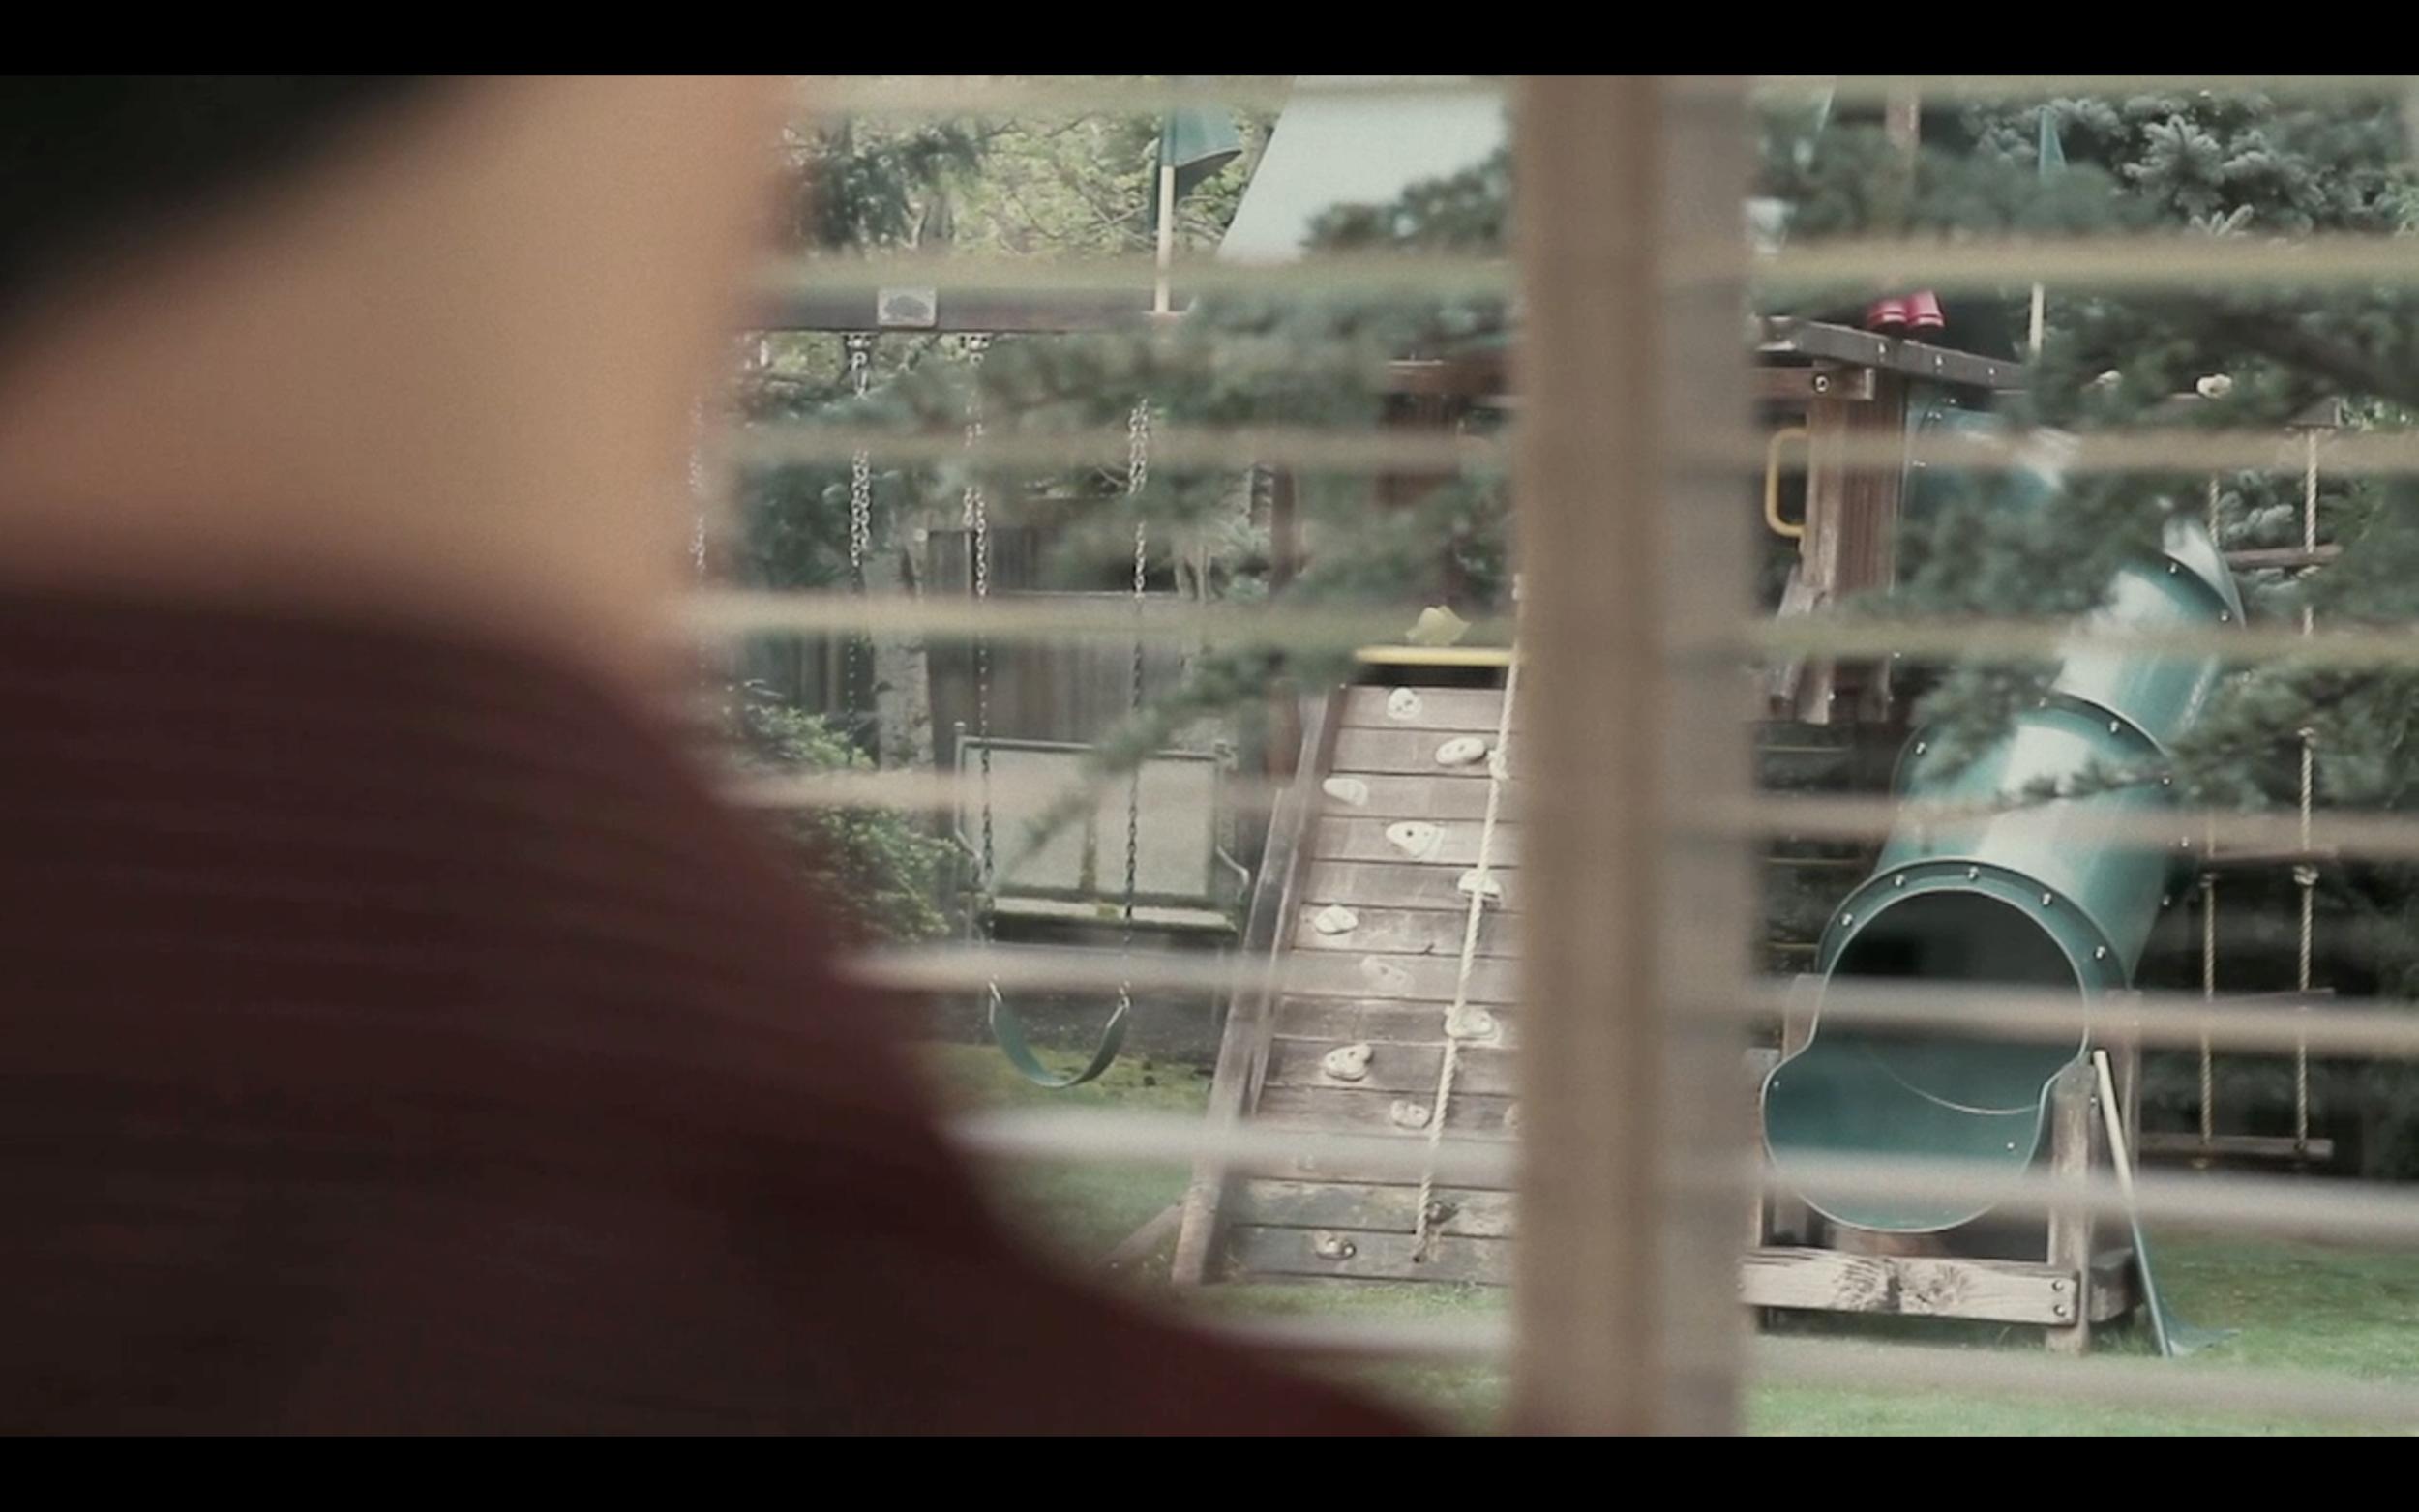 Screen+Shot+2015-11-03+at+3.06.47+PM.png